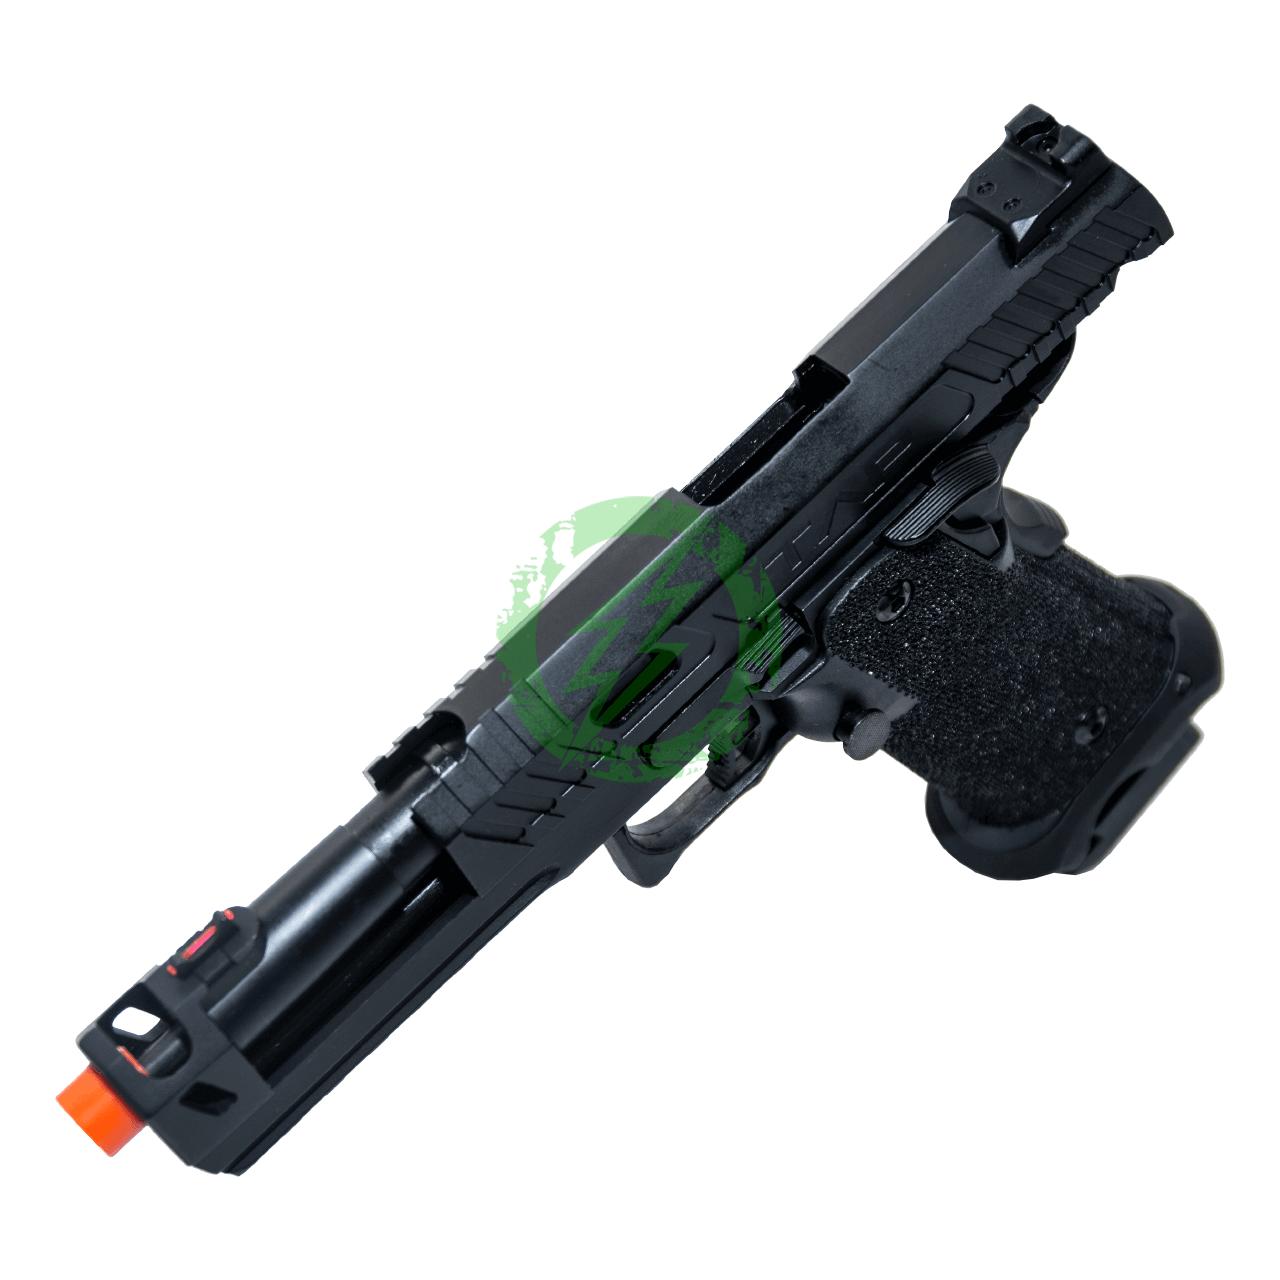 ECHO 1 TAP Gas Blow Back Pistol | Black open